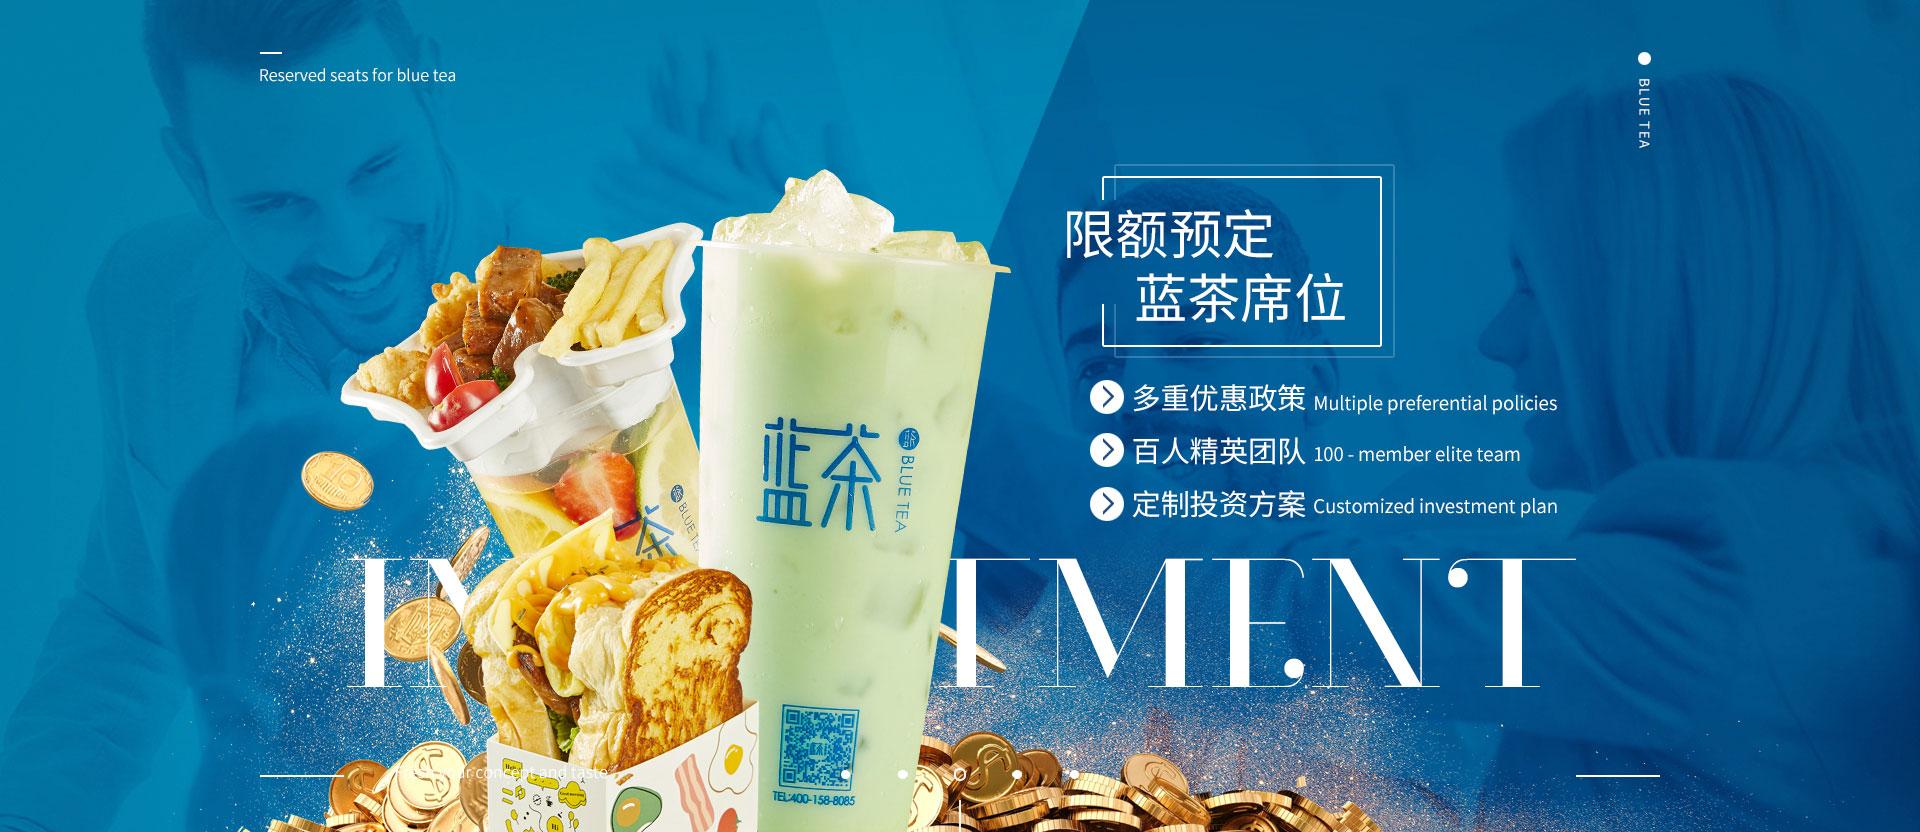 蓝茶茶饮加盟优惠_昌启餐饮奶茶加盟